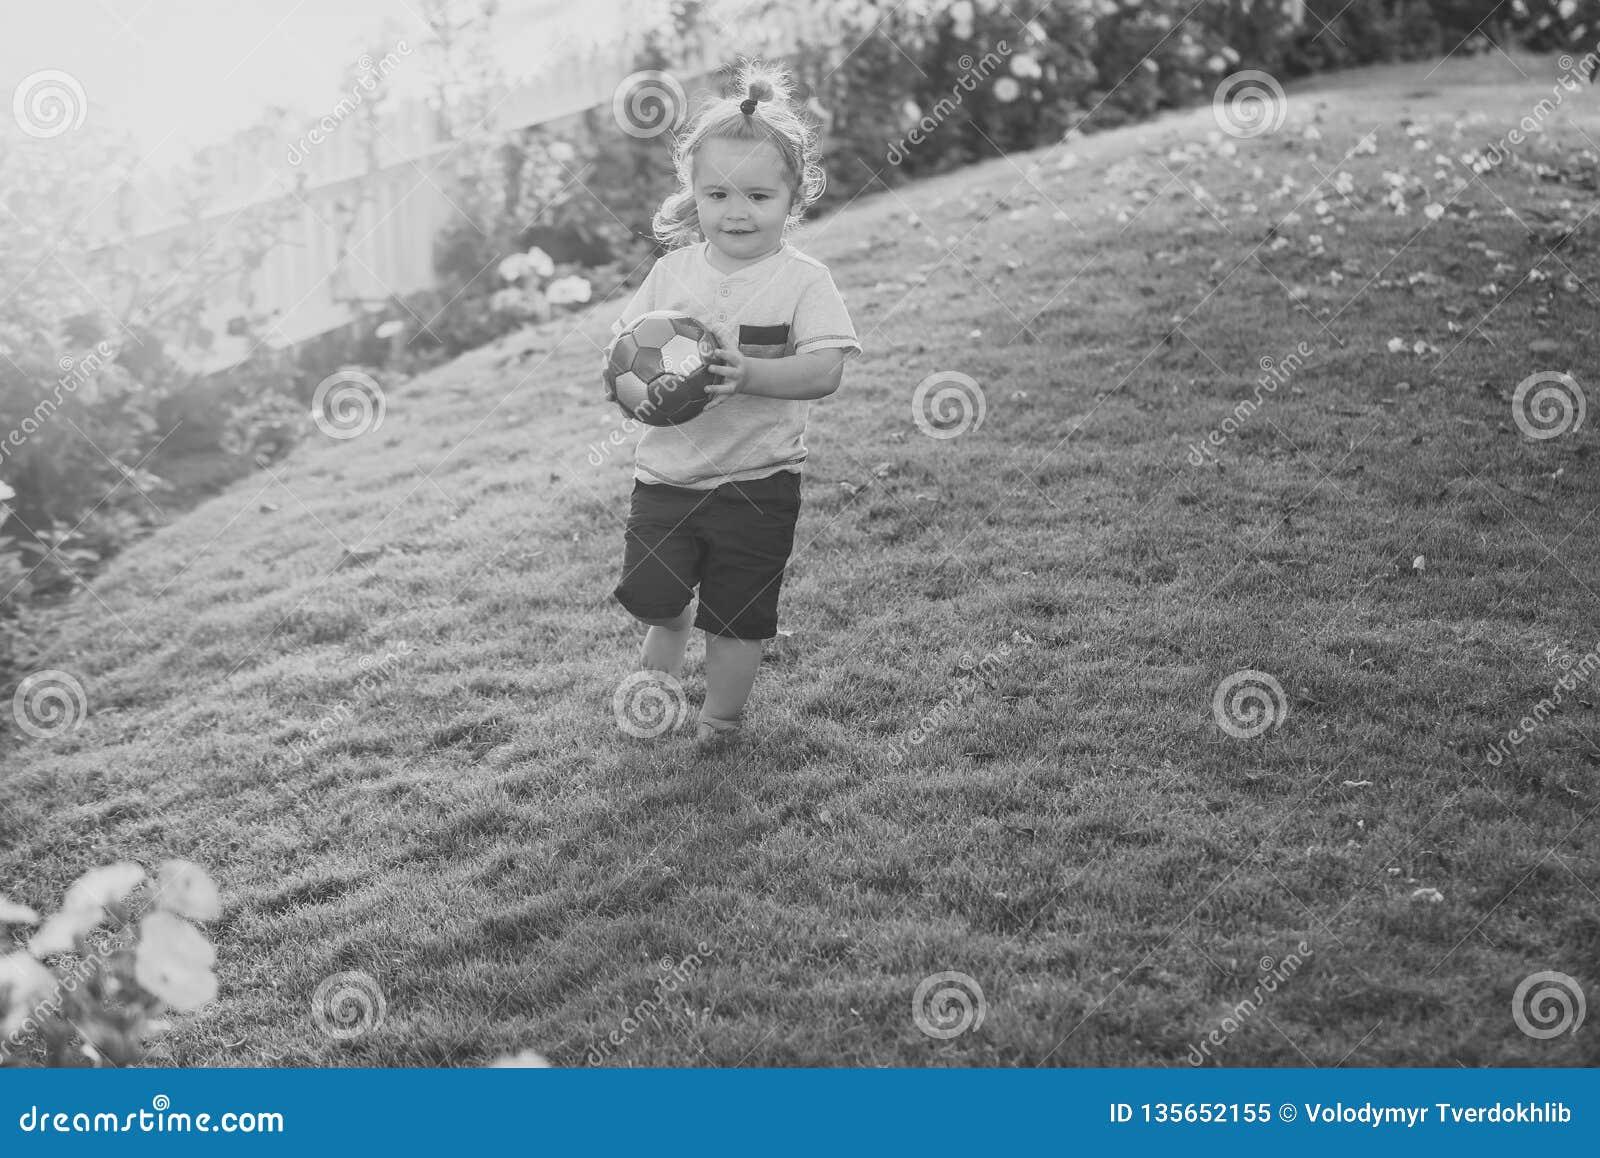 Energia da infância, atividade, bem-estar